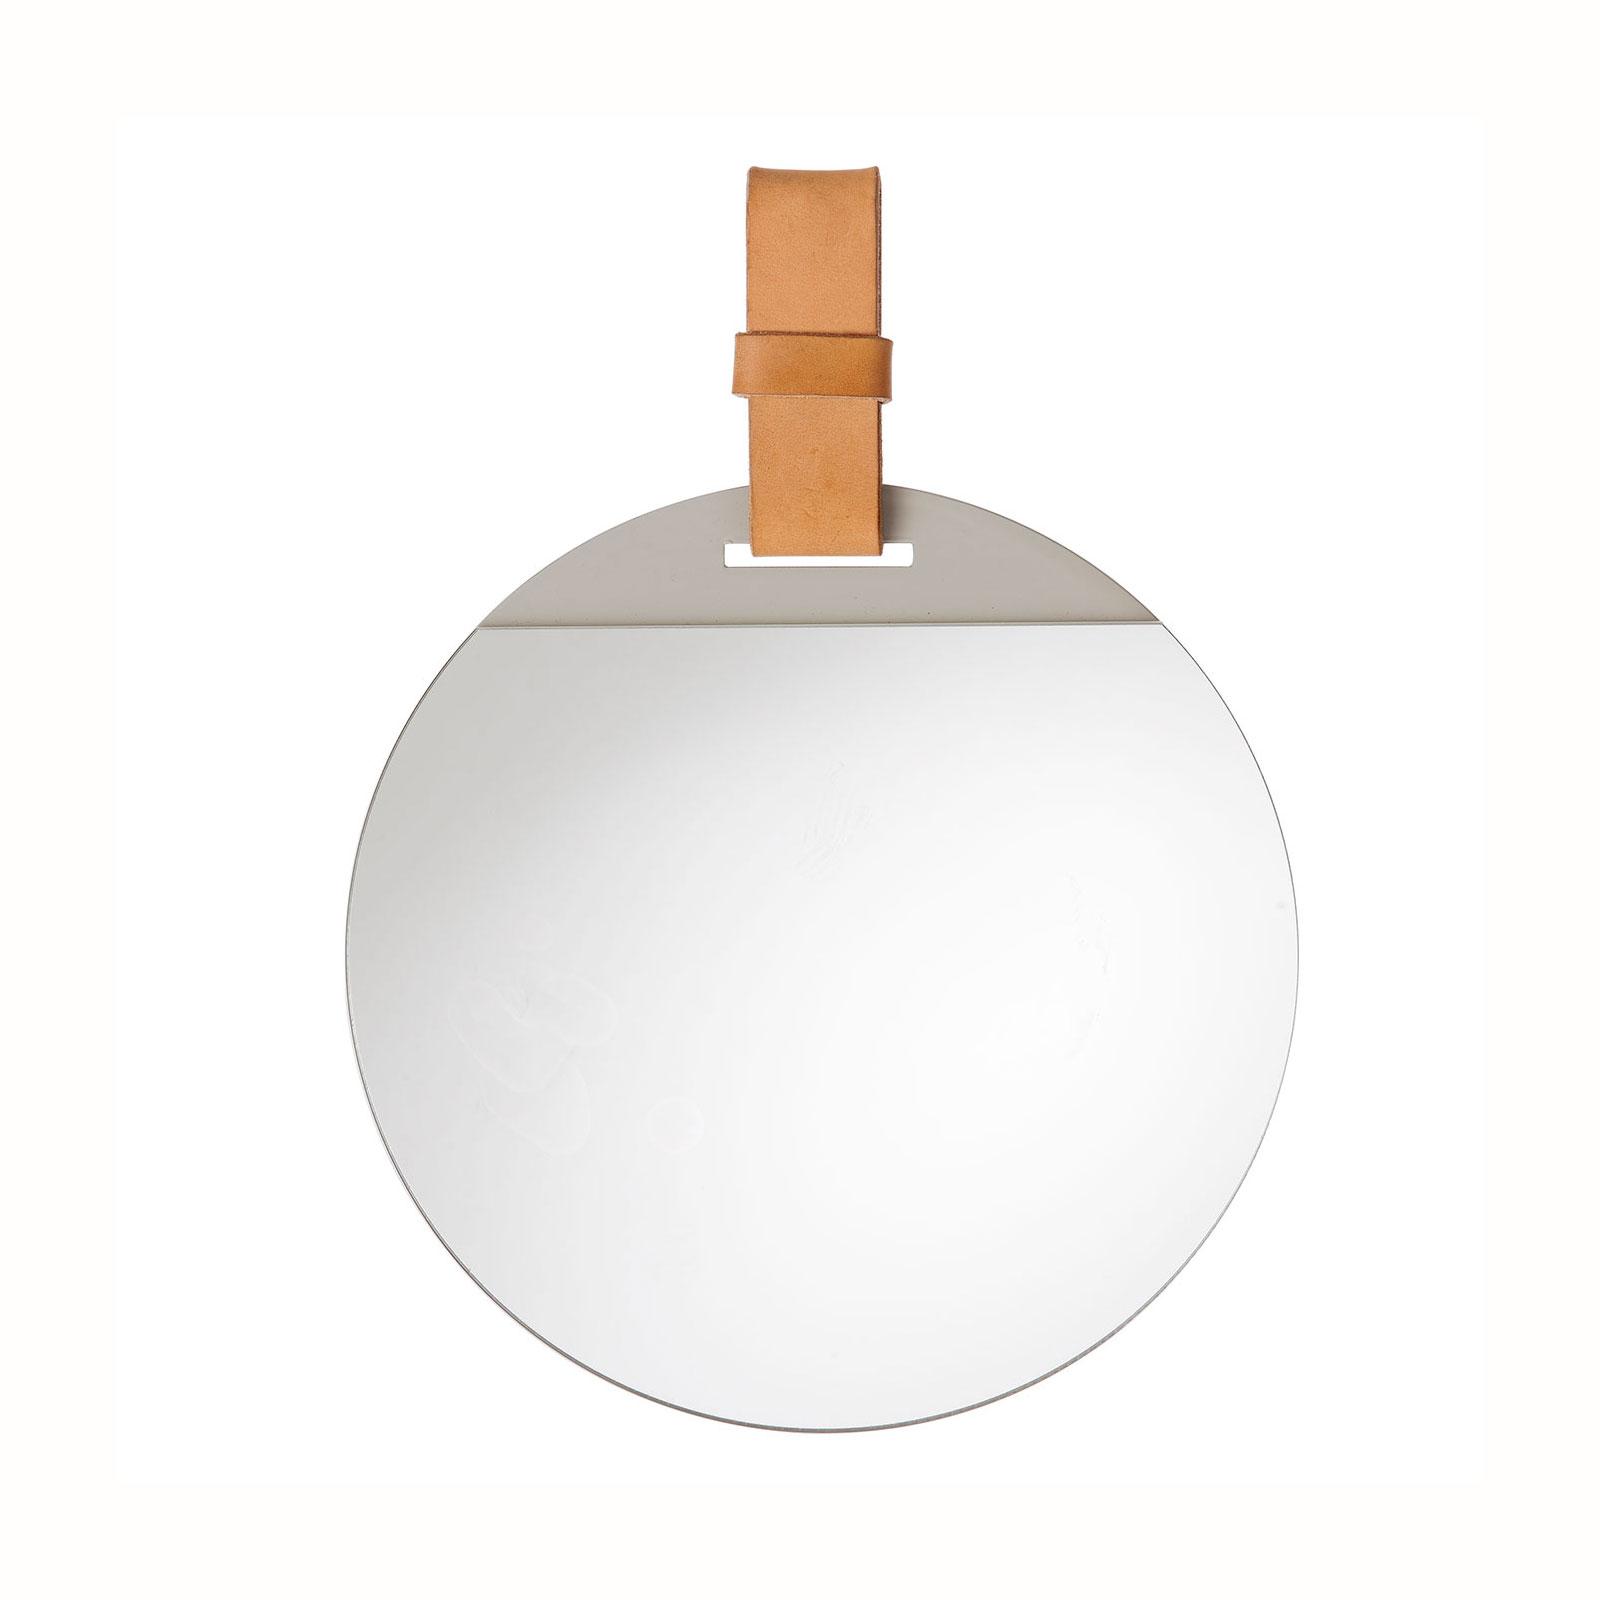 Miroir rond Enter Taille - Petit modèle